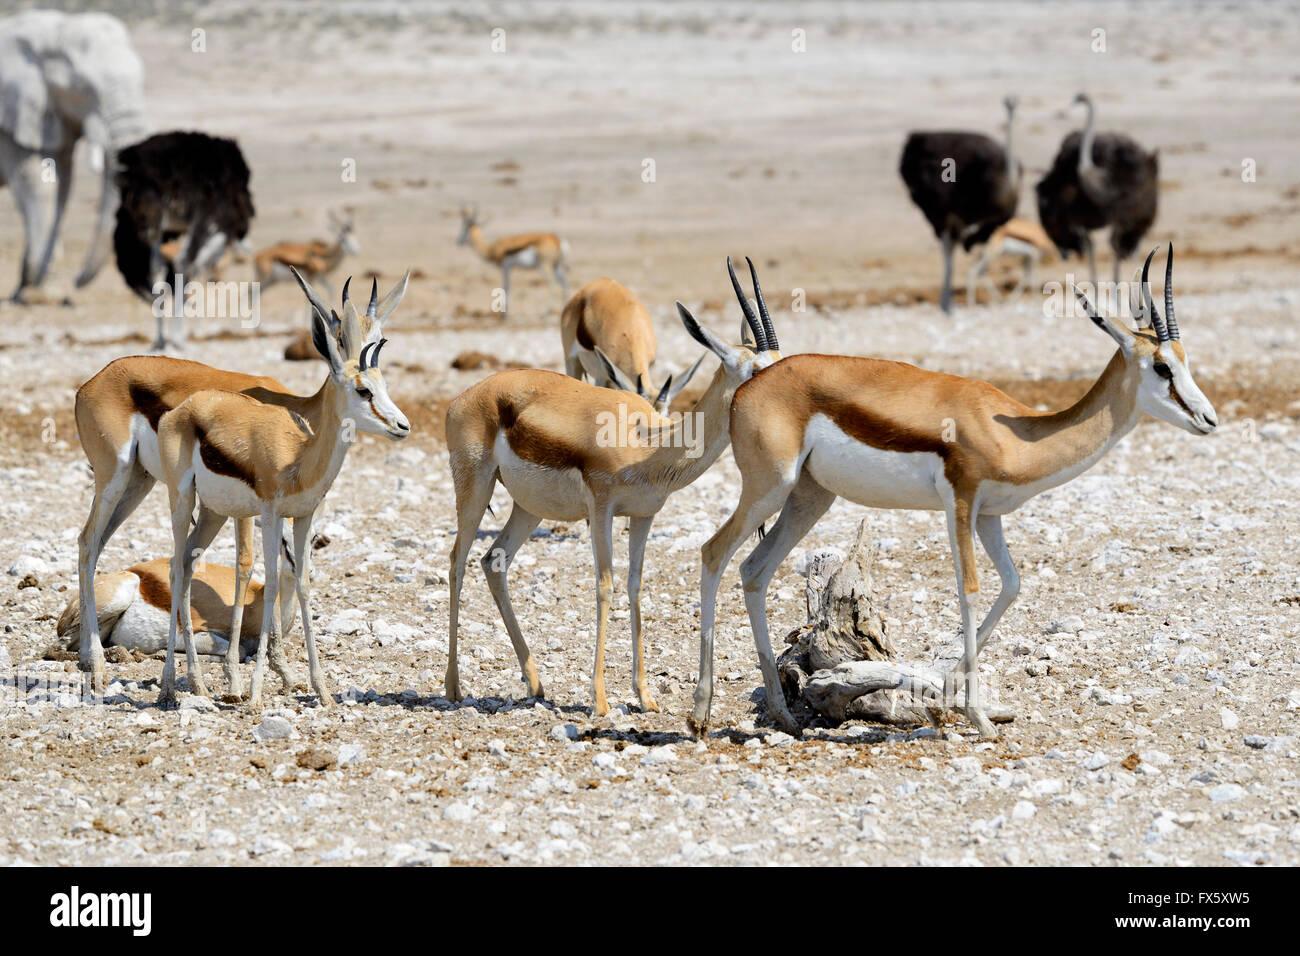 Springbok (Antidorcas marsupialis) in Etosha National Park, Namibia - Stock Image